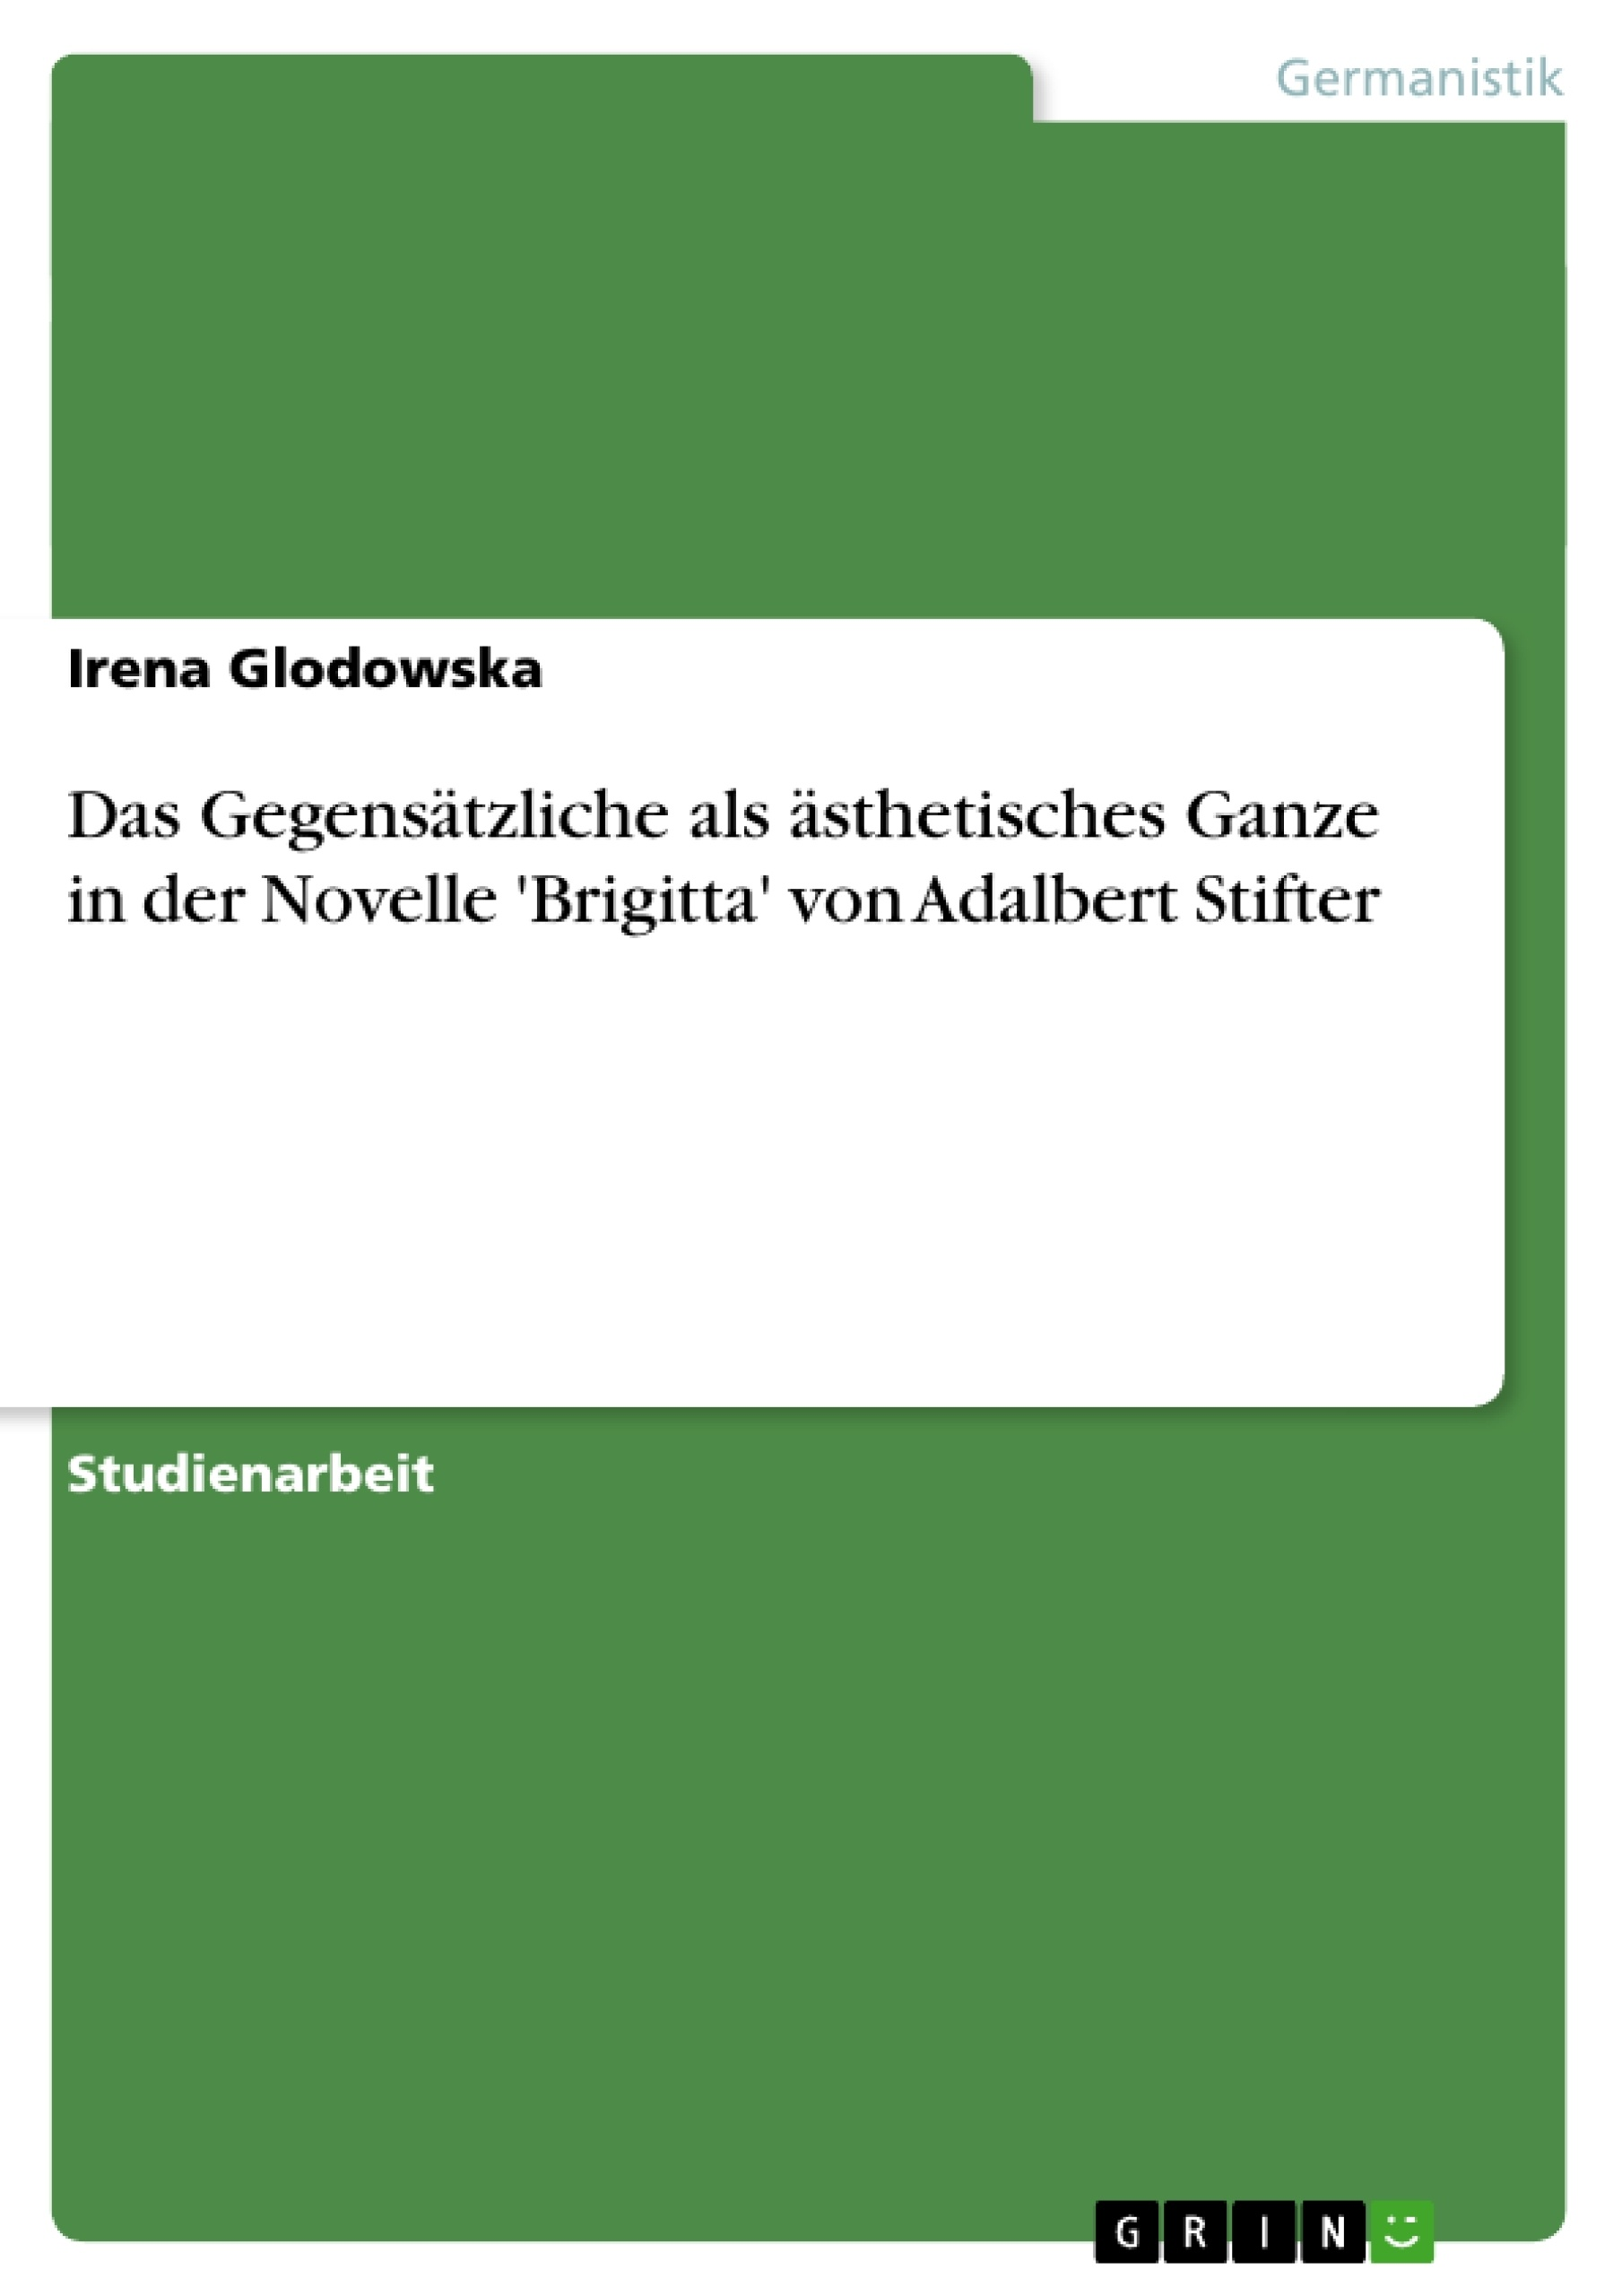 Titel: Das Gegensätzliche als ästhetisches Ganze in der Novelle 'Brigitta' von Adalbert Stifter